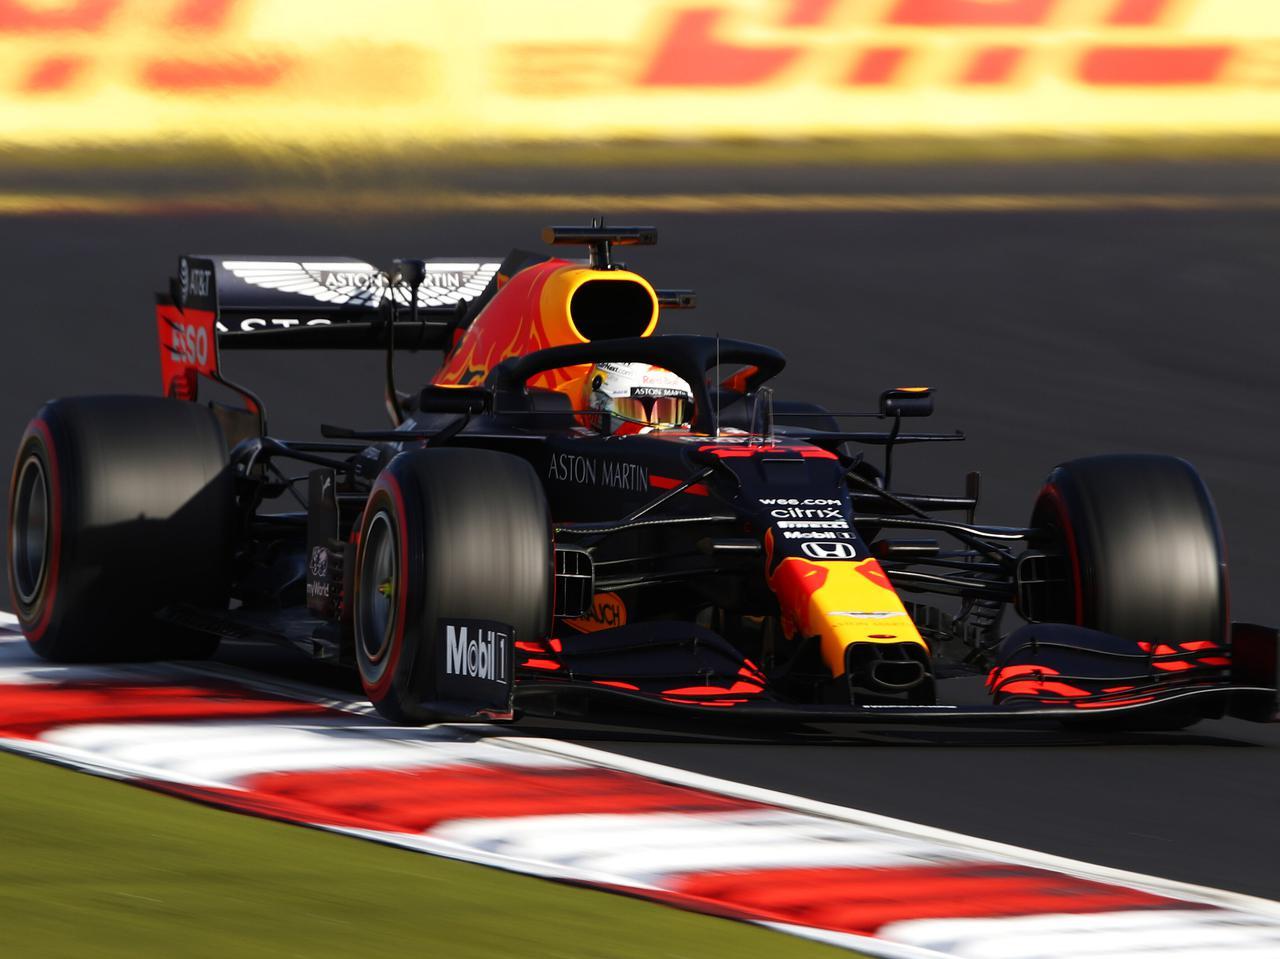 F1アイフェルGP予選は大接戦、フェルスタッペンは0.037秒差でフロントロウを逃す、ポールはボッタス【モータースポーツ】